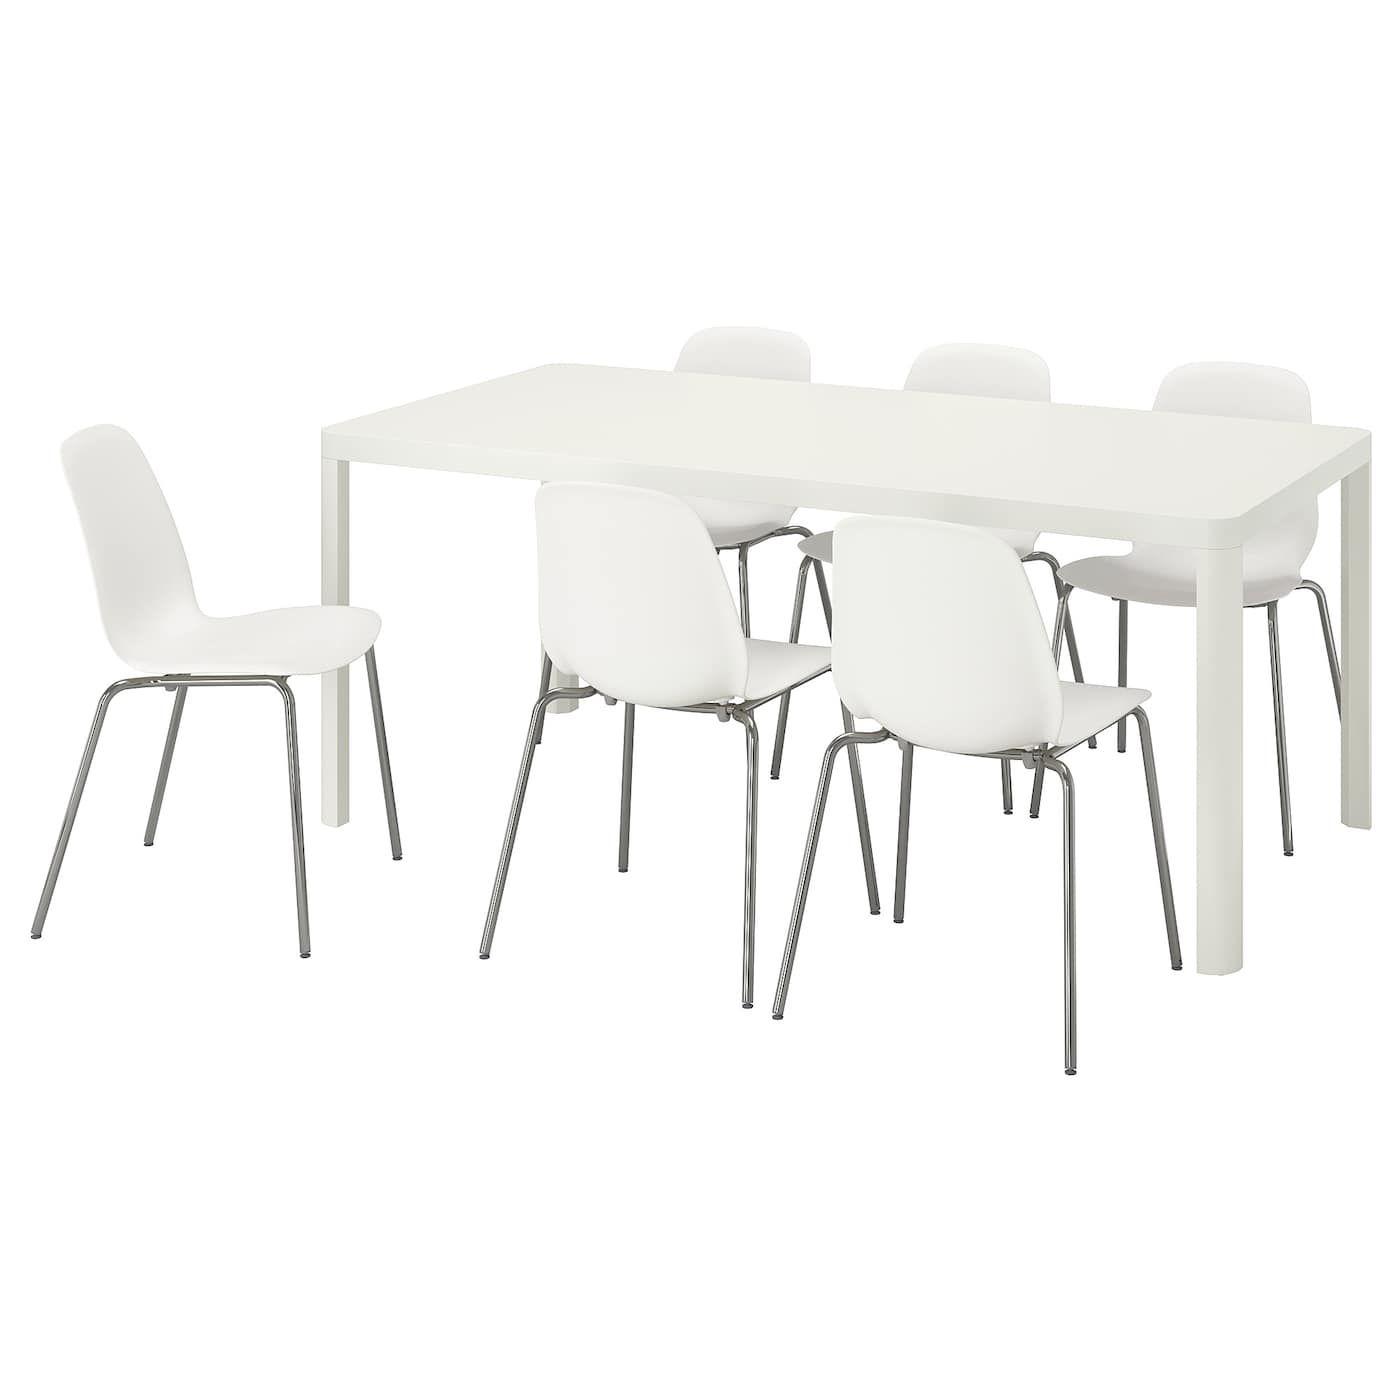 Tingby Leifarne Tisch Und 6 Stuhle Weiss Weiss Weisse Stuhle